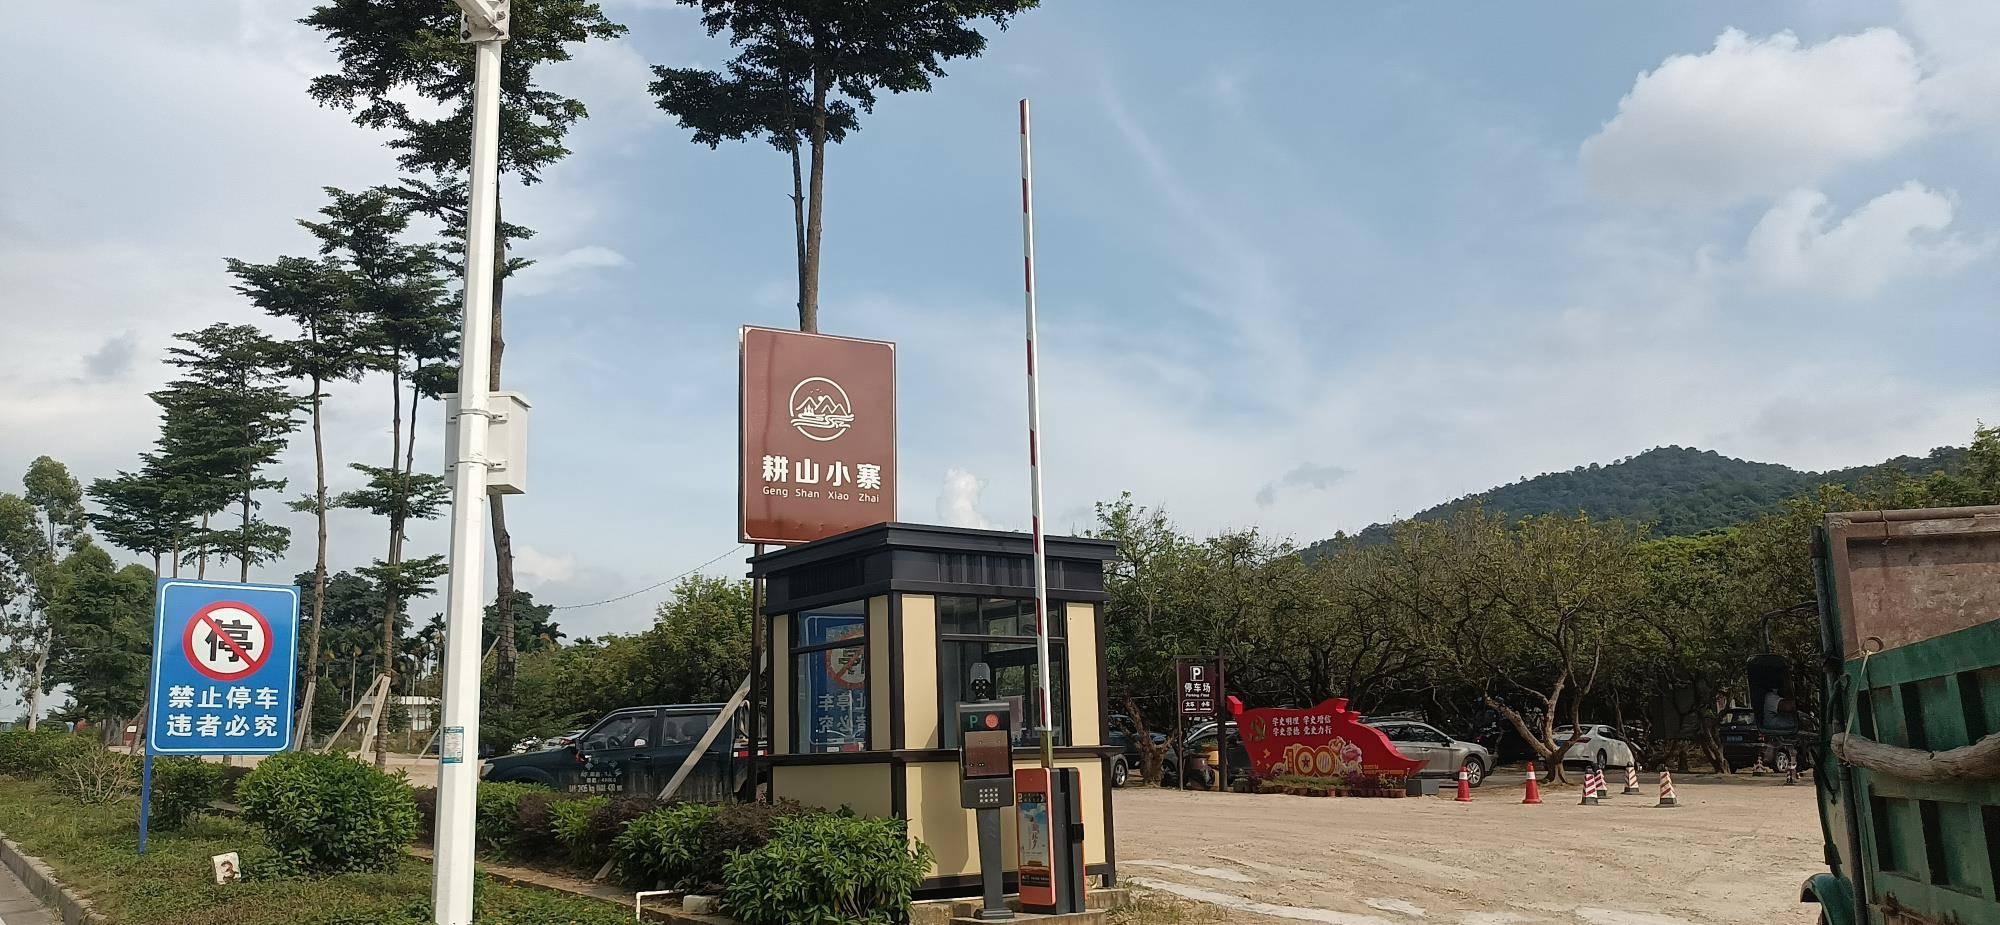 东莞与惠州交界有一座少有人知的景区,路边的绿皮火车格外吸睛